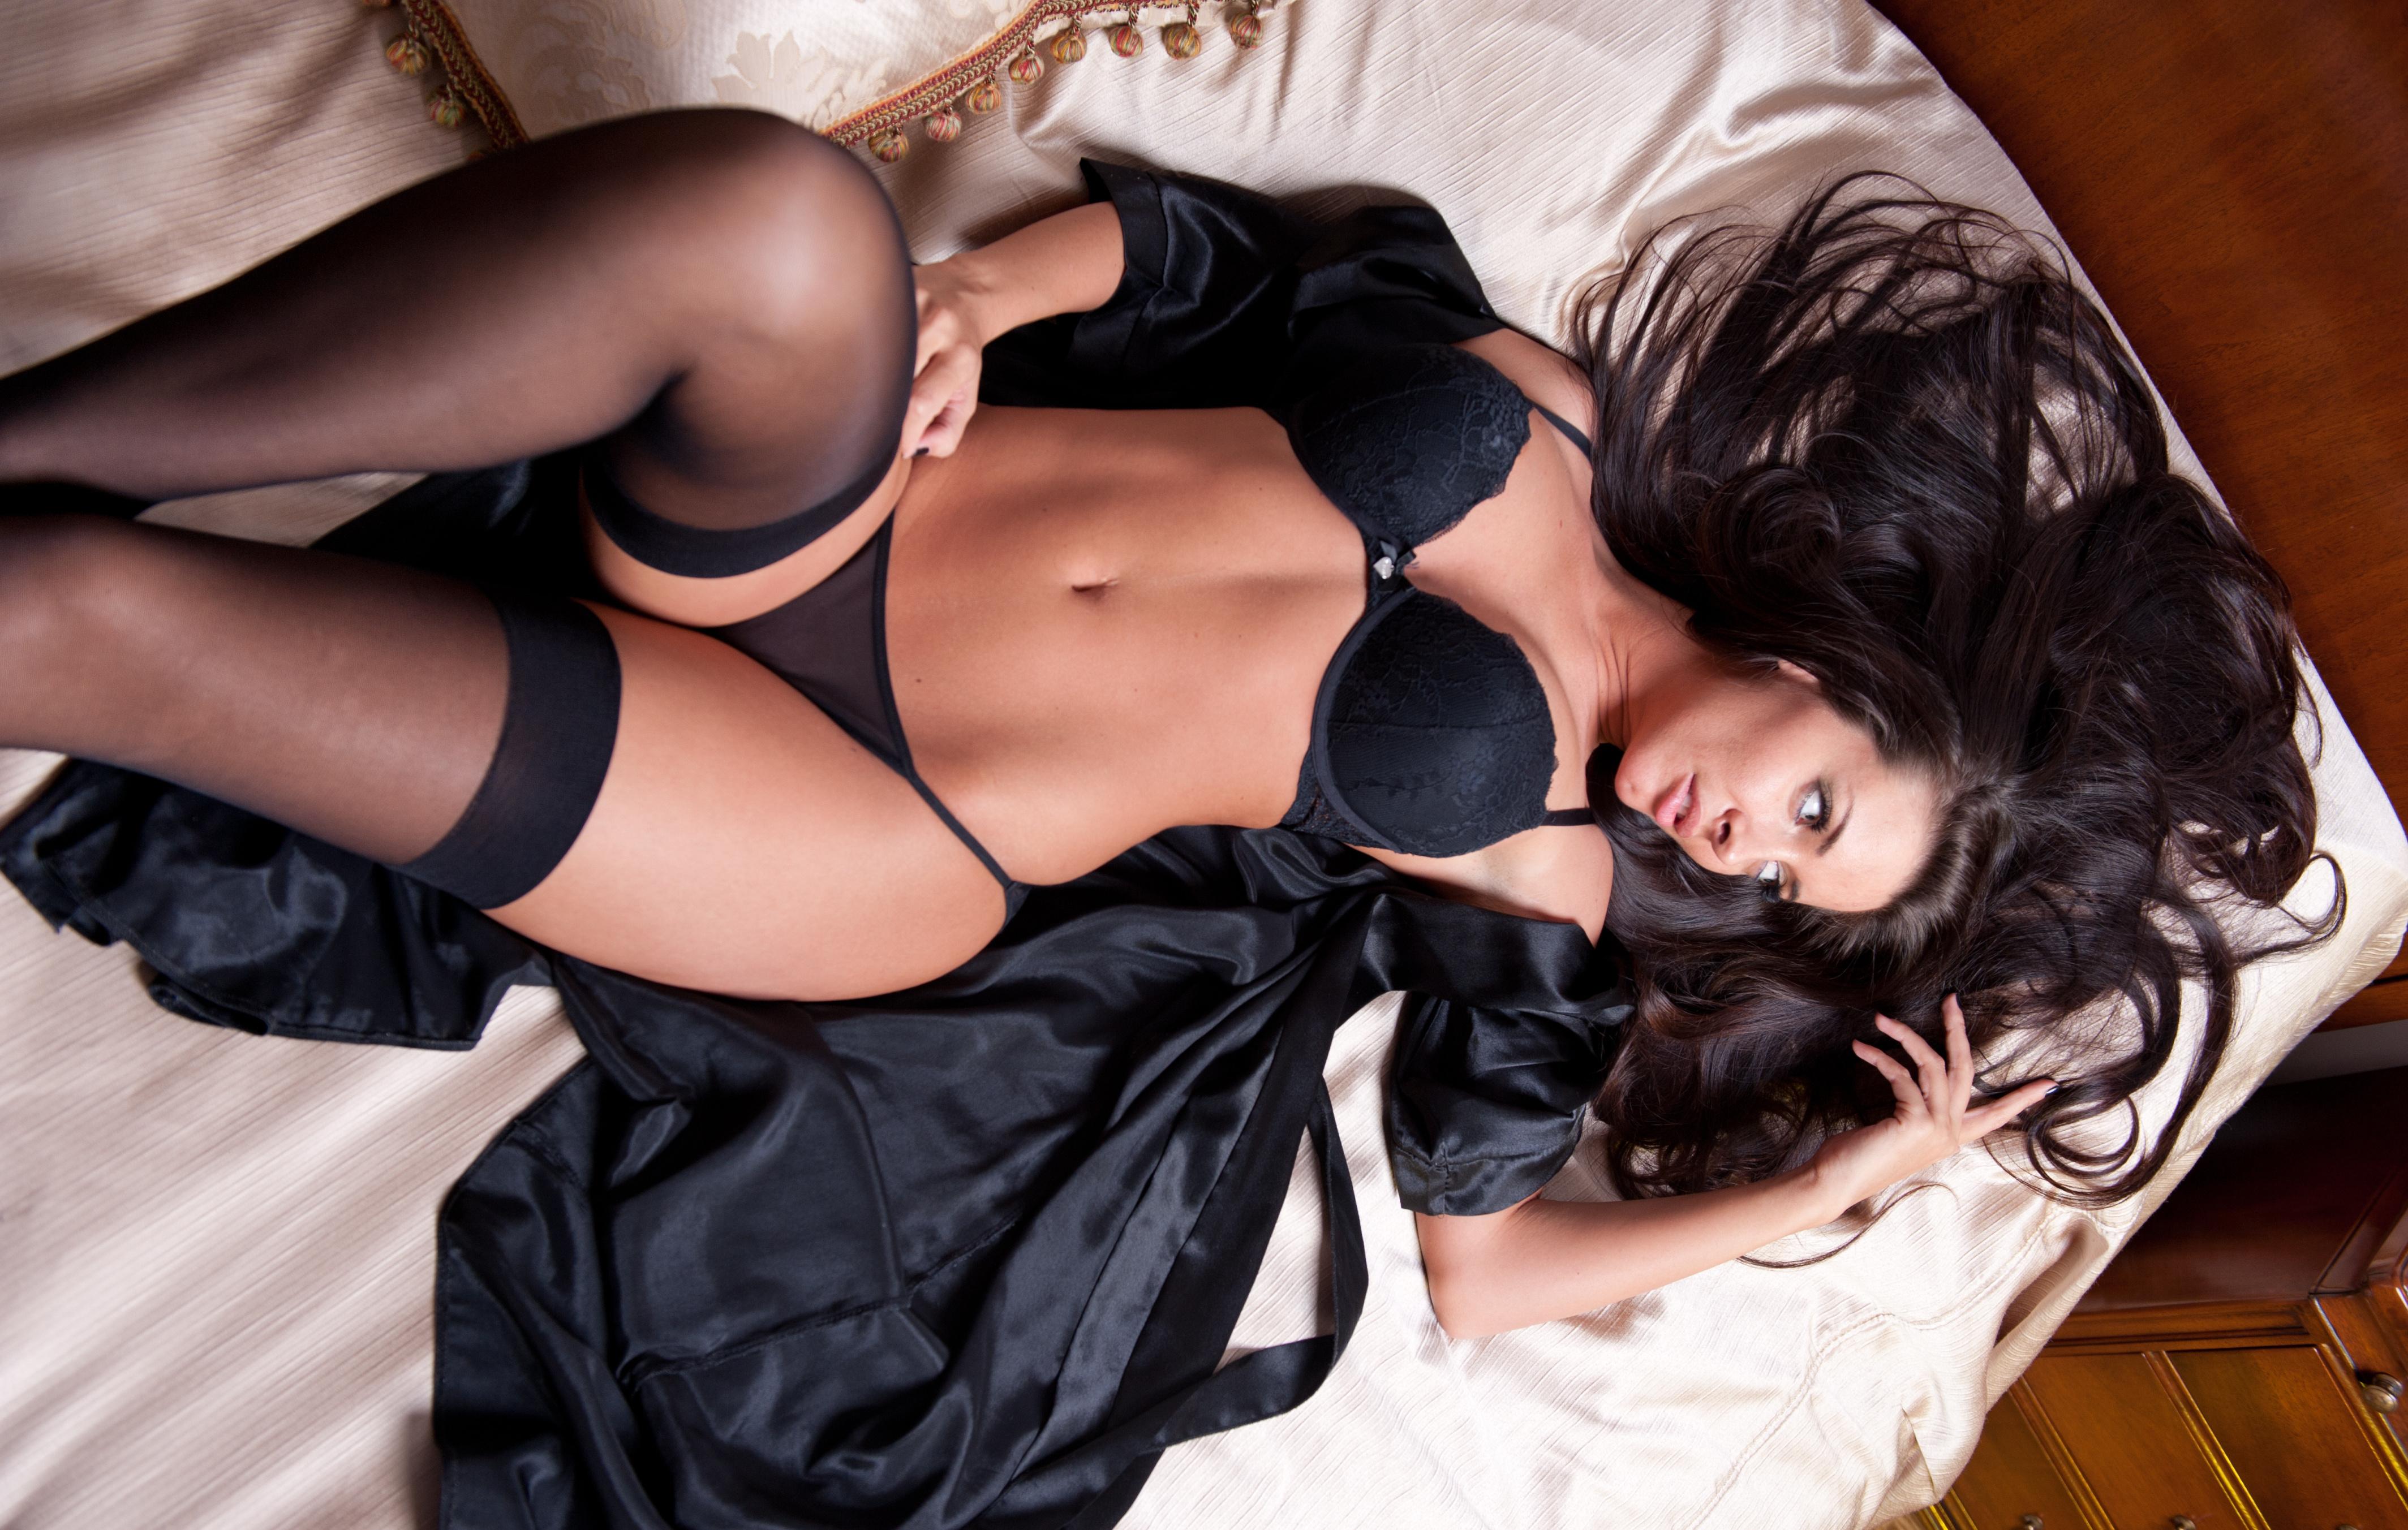 Секс на кровати в халате 11 фотография